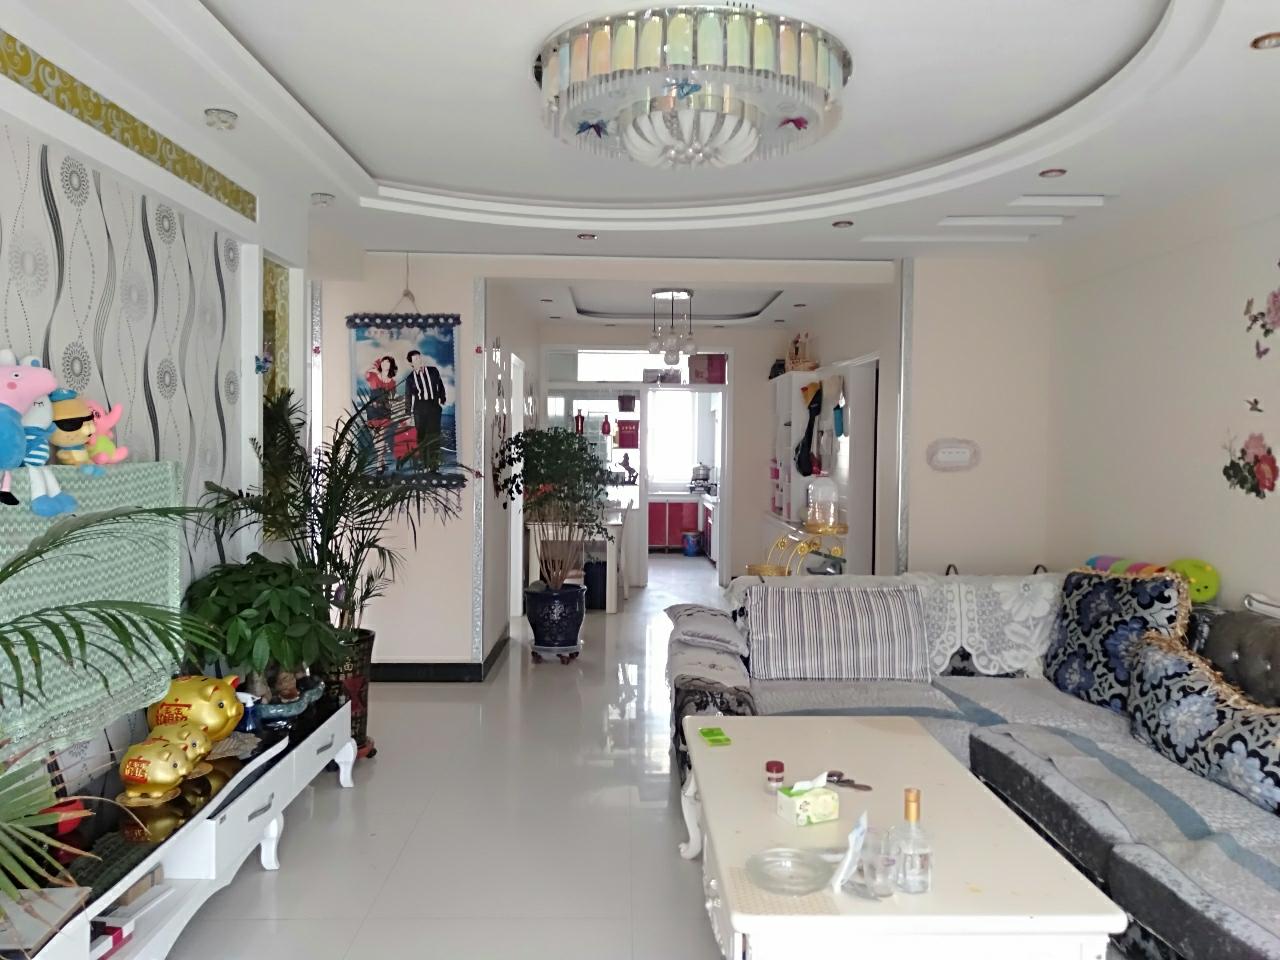 翰海明珠2室 2厅 1卫55万元